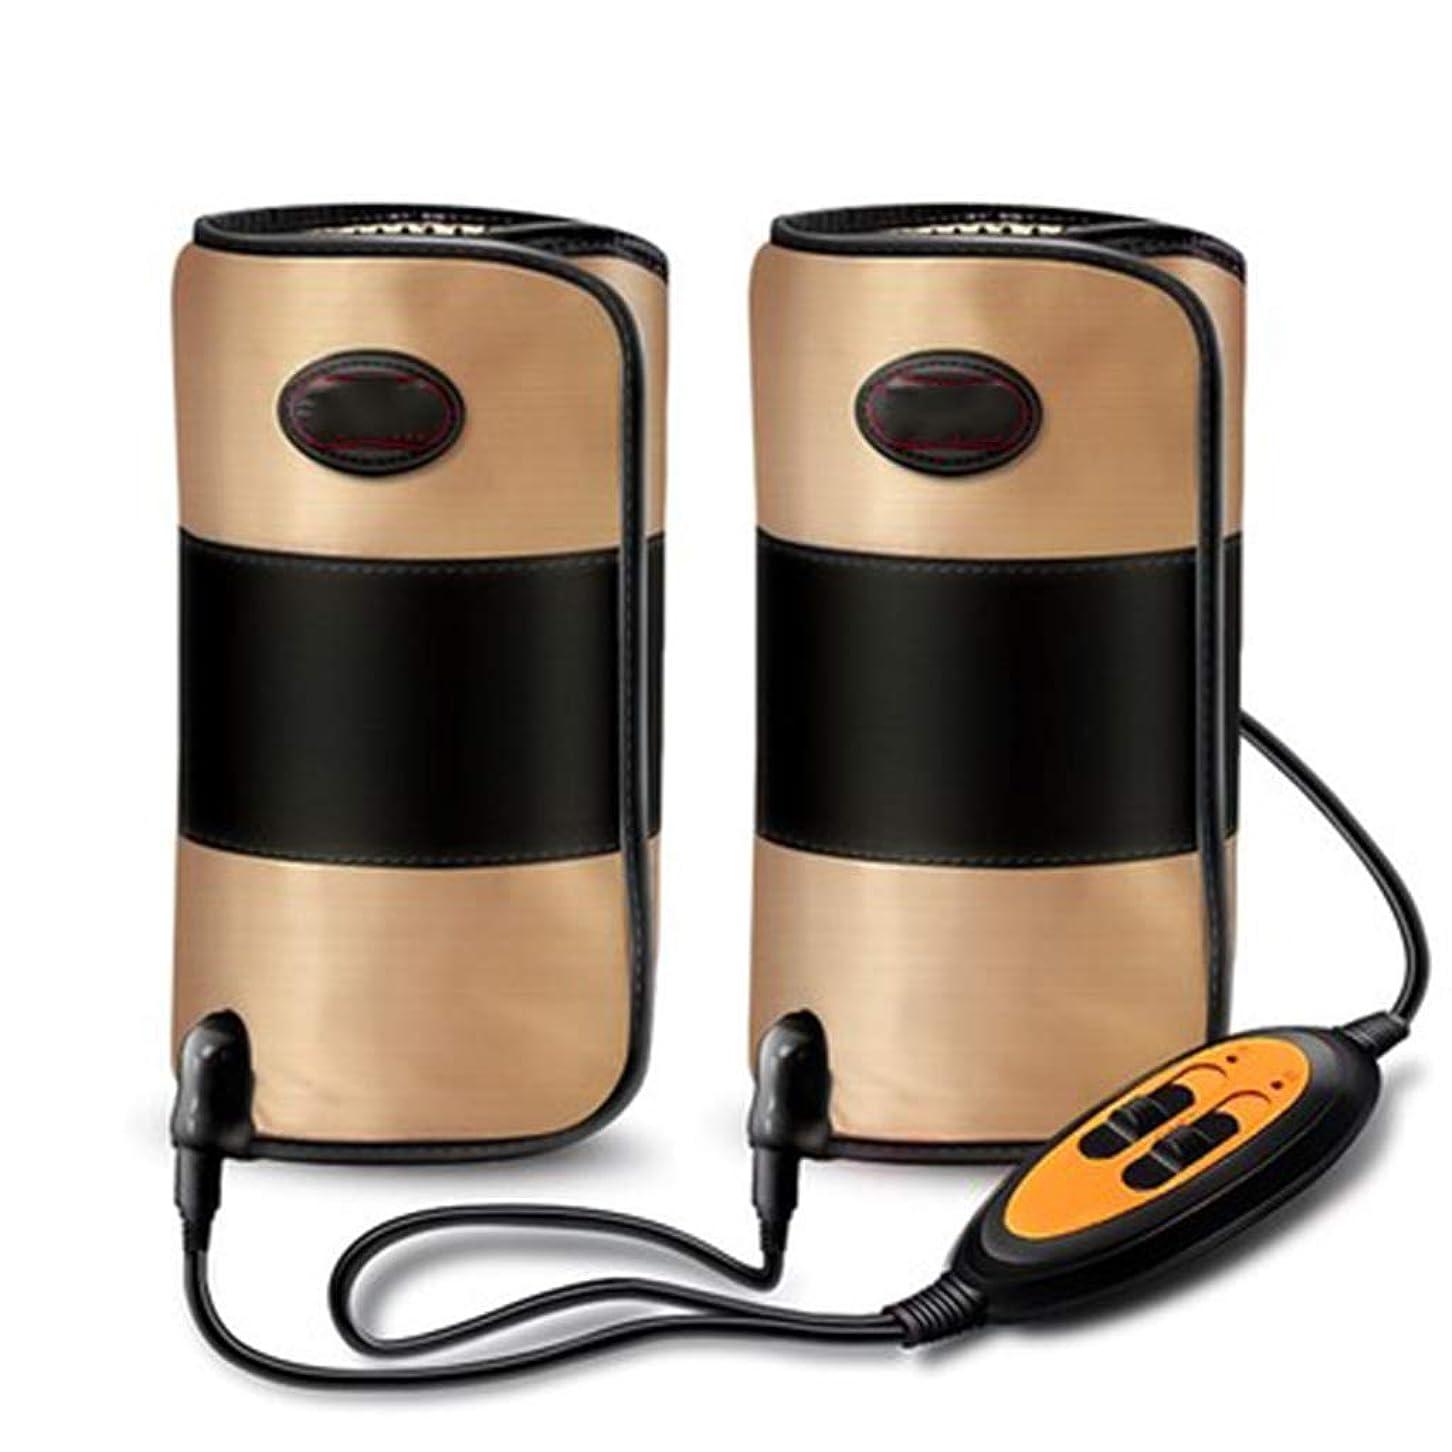 映画懐ログ足の振動マッサージャー、手持ち型のコントローラーが付いている遠い赤外線マッサージャーの圧縮の足覆いのマッサージ療法